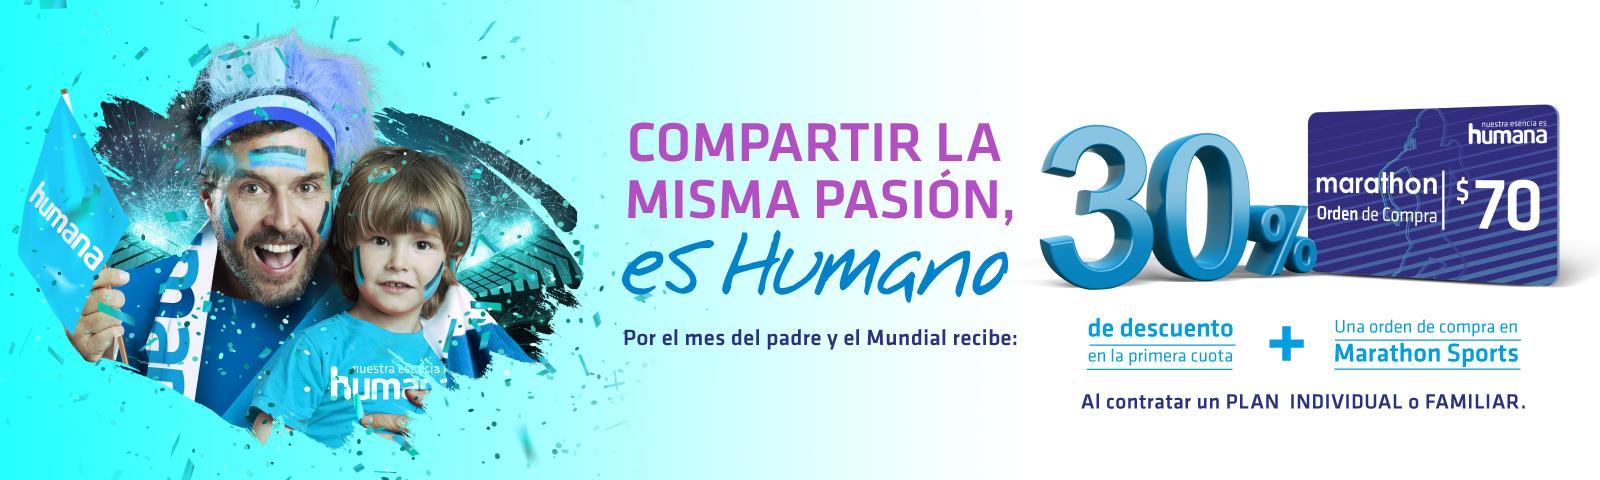 Compartir la misma pasión es humano